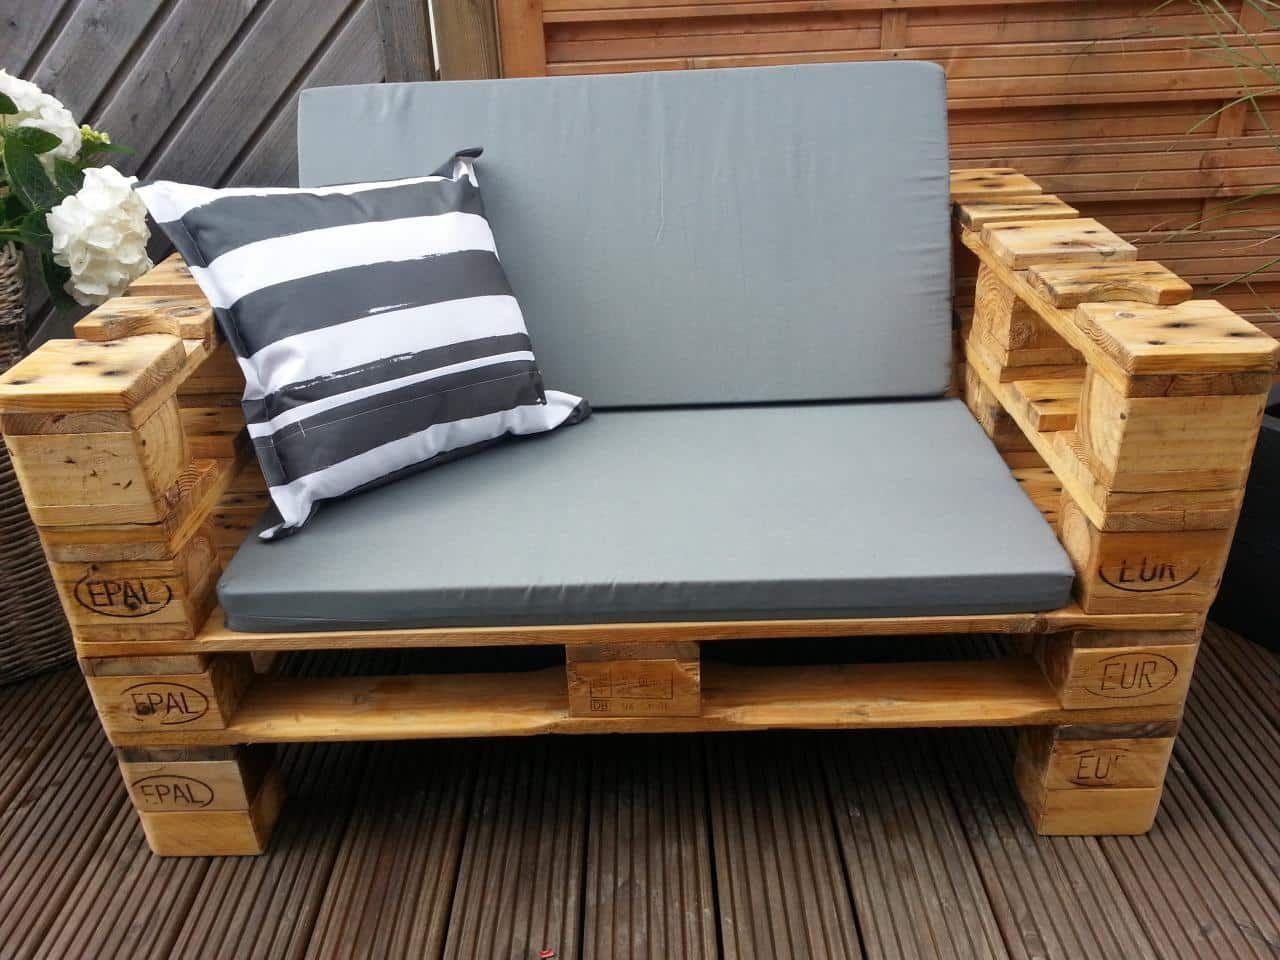 un sof barato moderno y elegante este sof hecho de palets y con un acabado gris azulado es perfecto para un porche o terraza ms - Sofas De Palets